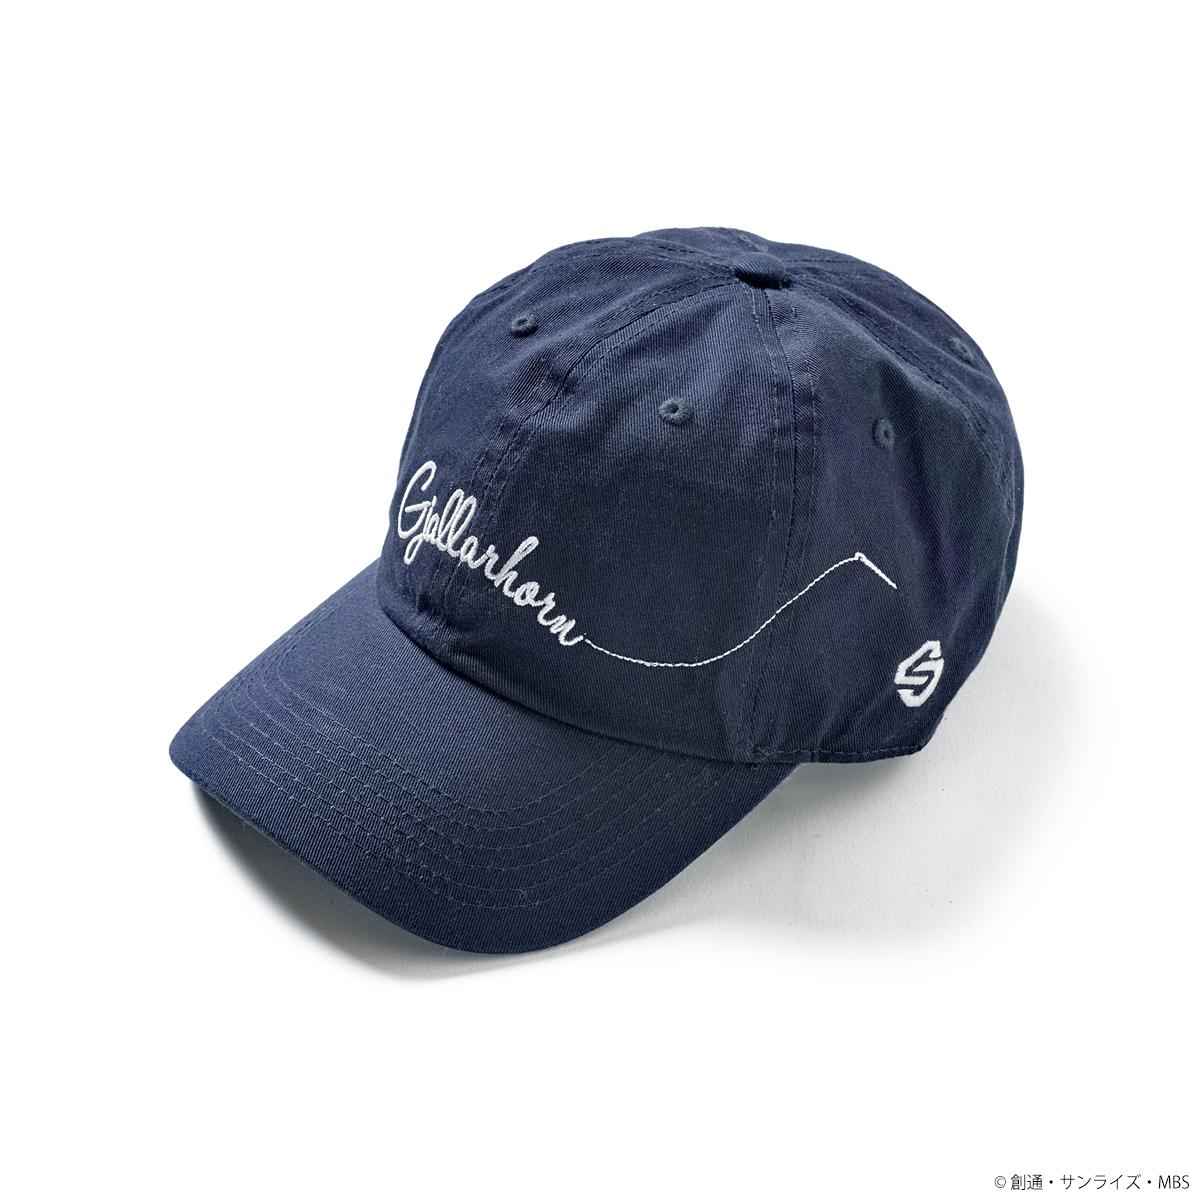 STRICT-G『機動戦士ガンダム 鉄血のオルフェンズ』 Baseball Cap ギャラルホルン